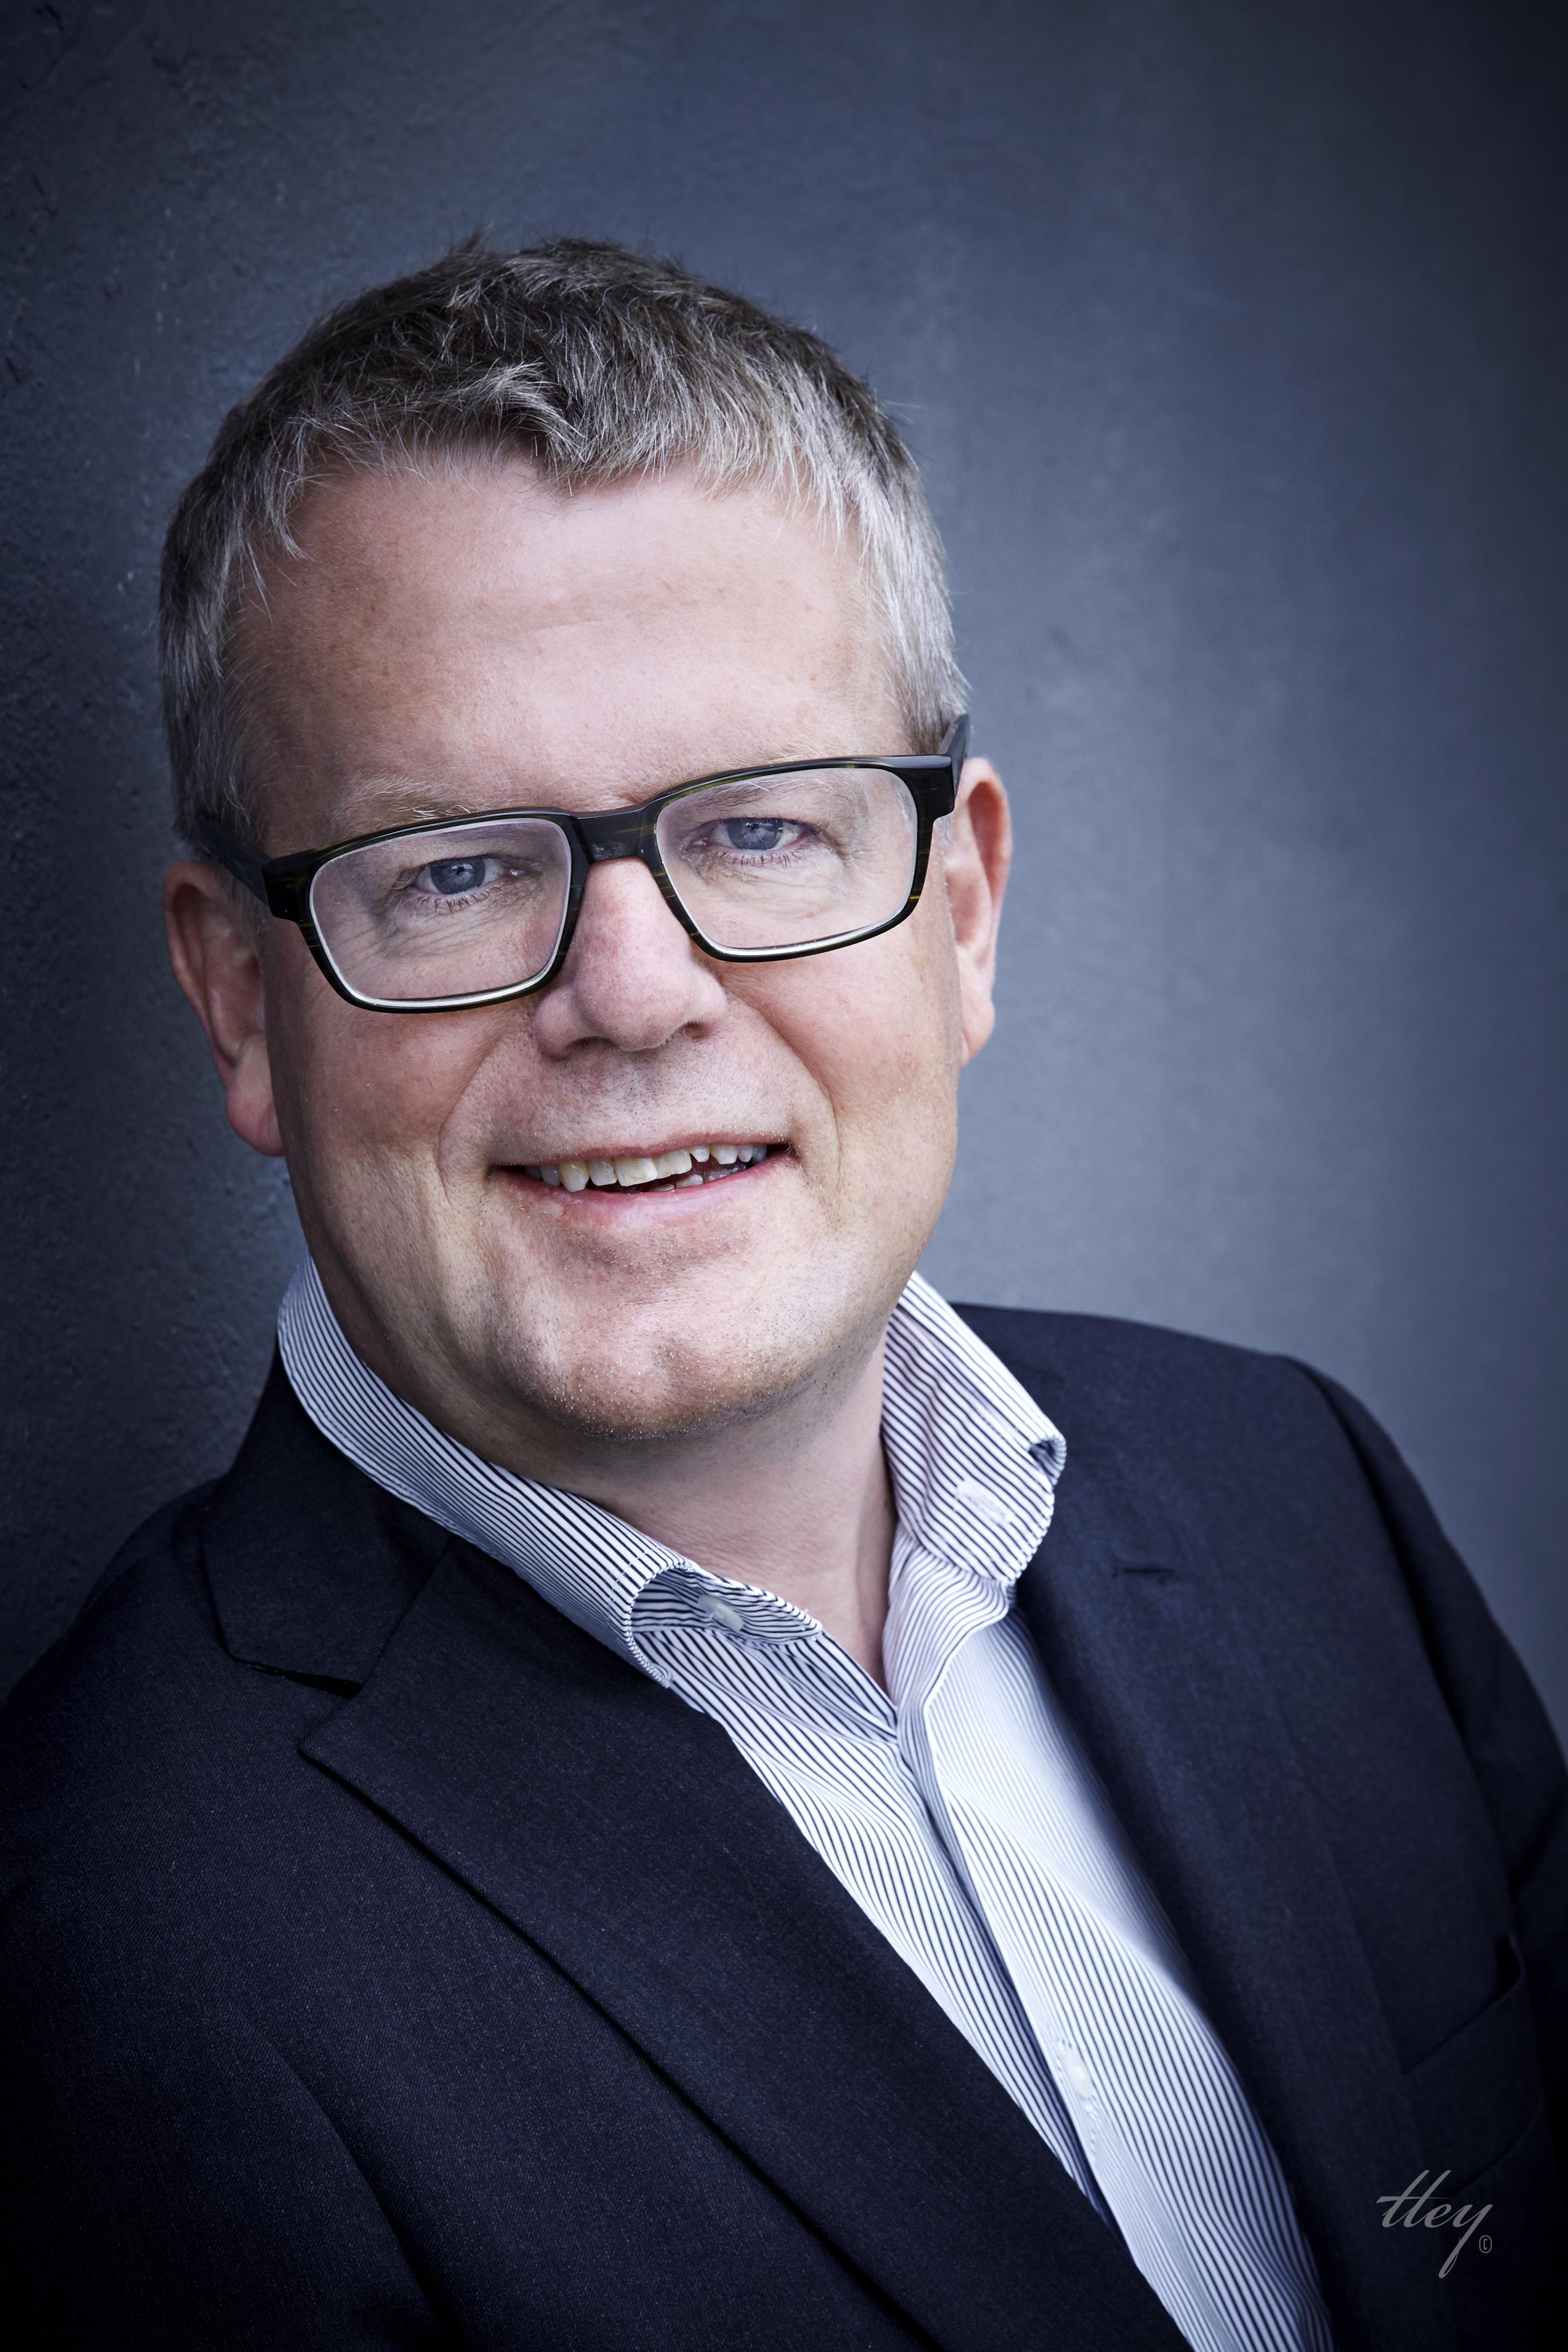 Peter Mose